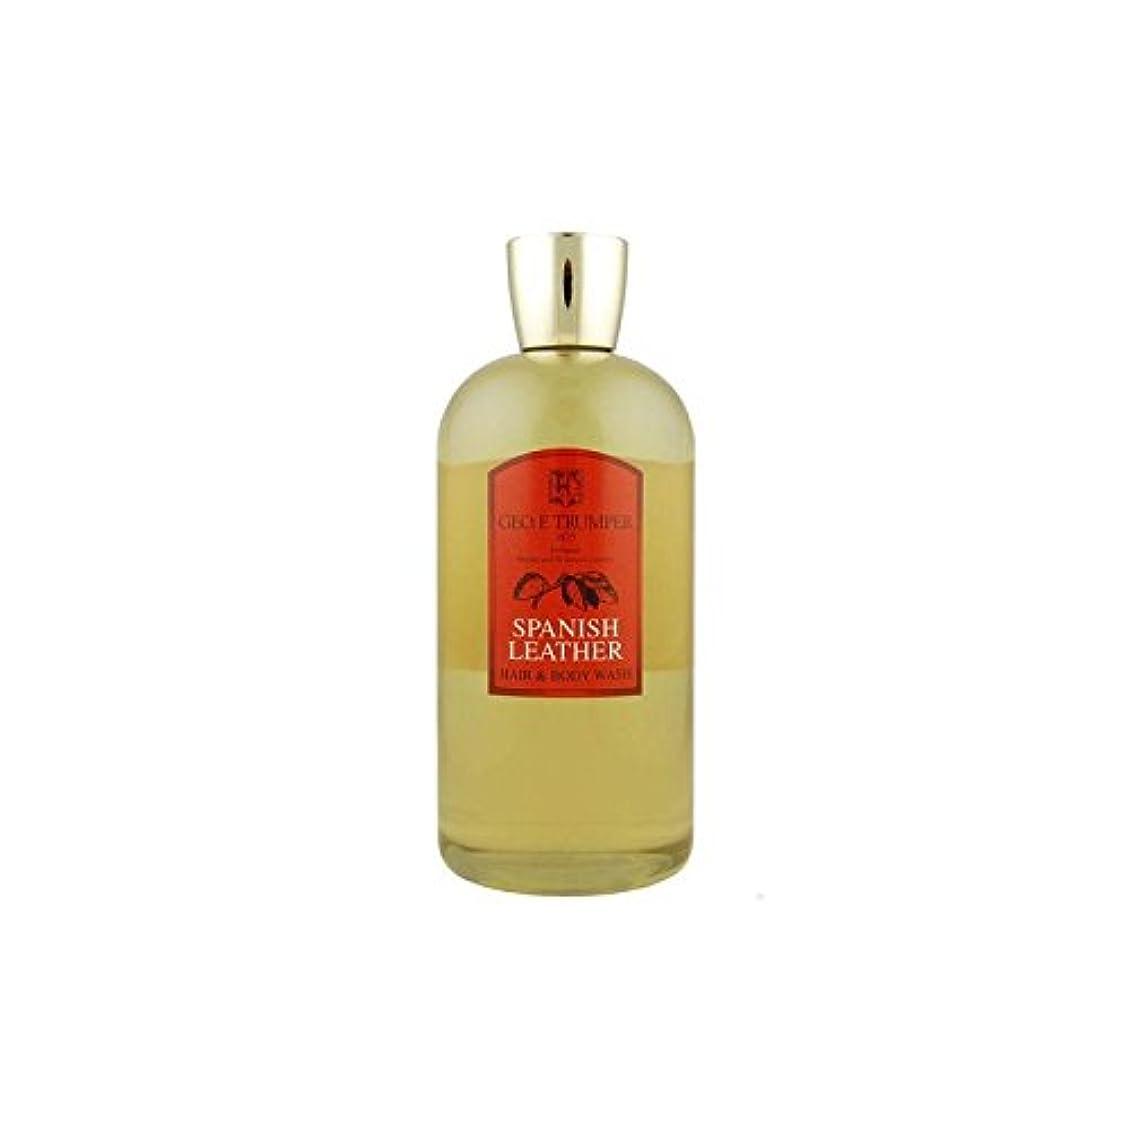 音声ラッカスパプアニューギニアTrumpers Spanish Leather Hair and Body Wash - 500mlTravel Bottle (Pack of 6) - 革の髪とボディウォッシュスペイン語 - 500ボトル x6 [...